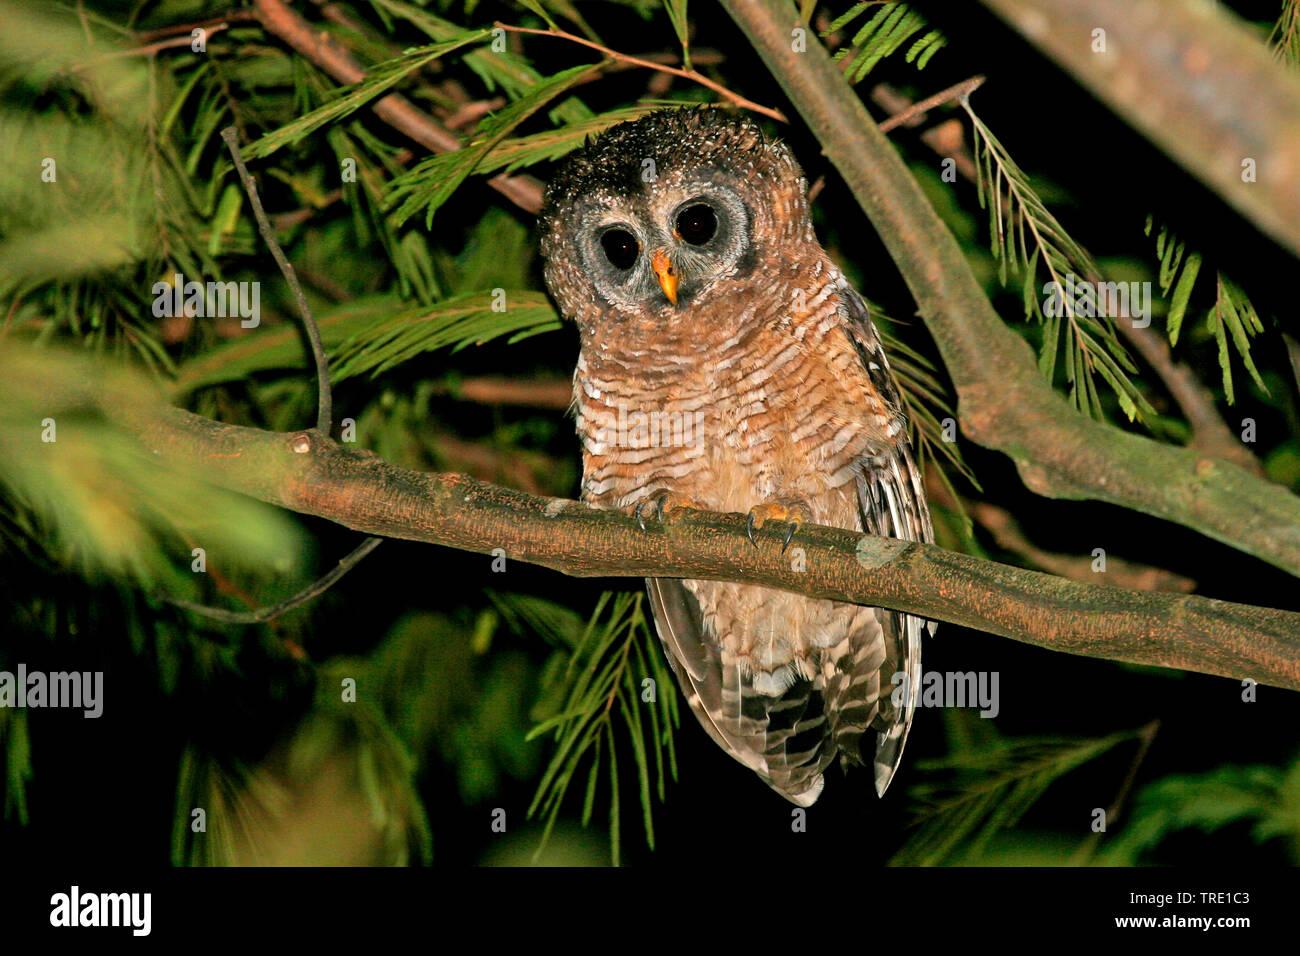 Afrikanischer Waldkauz (Strix woodfordii), sitzt auf einem Zweig, Uganda | African wood owl (Strix woodfordii), on a branch, Uganda | BLWS514554.jpg [ - Stock Image